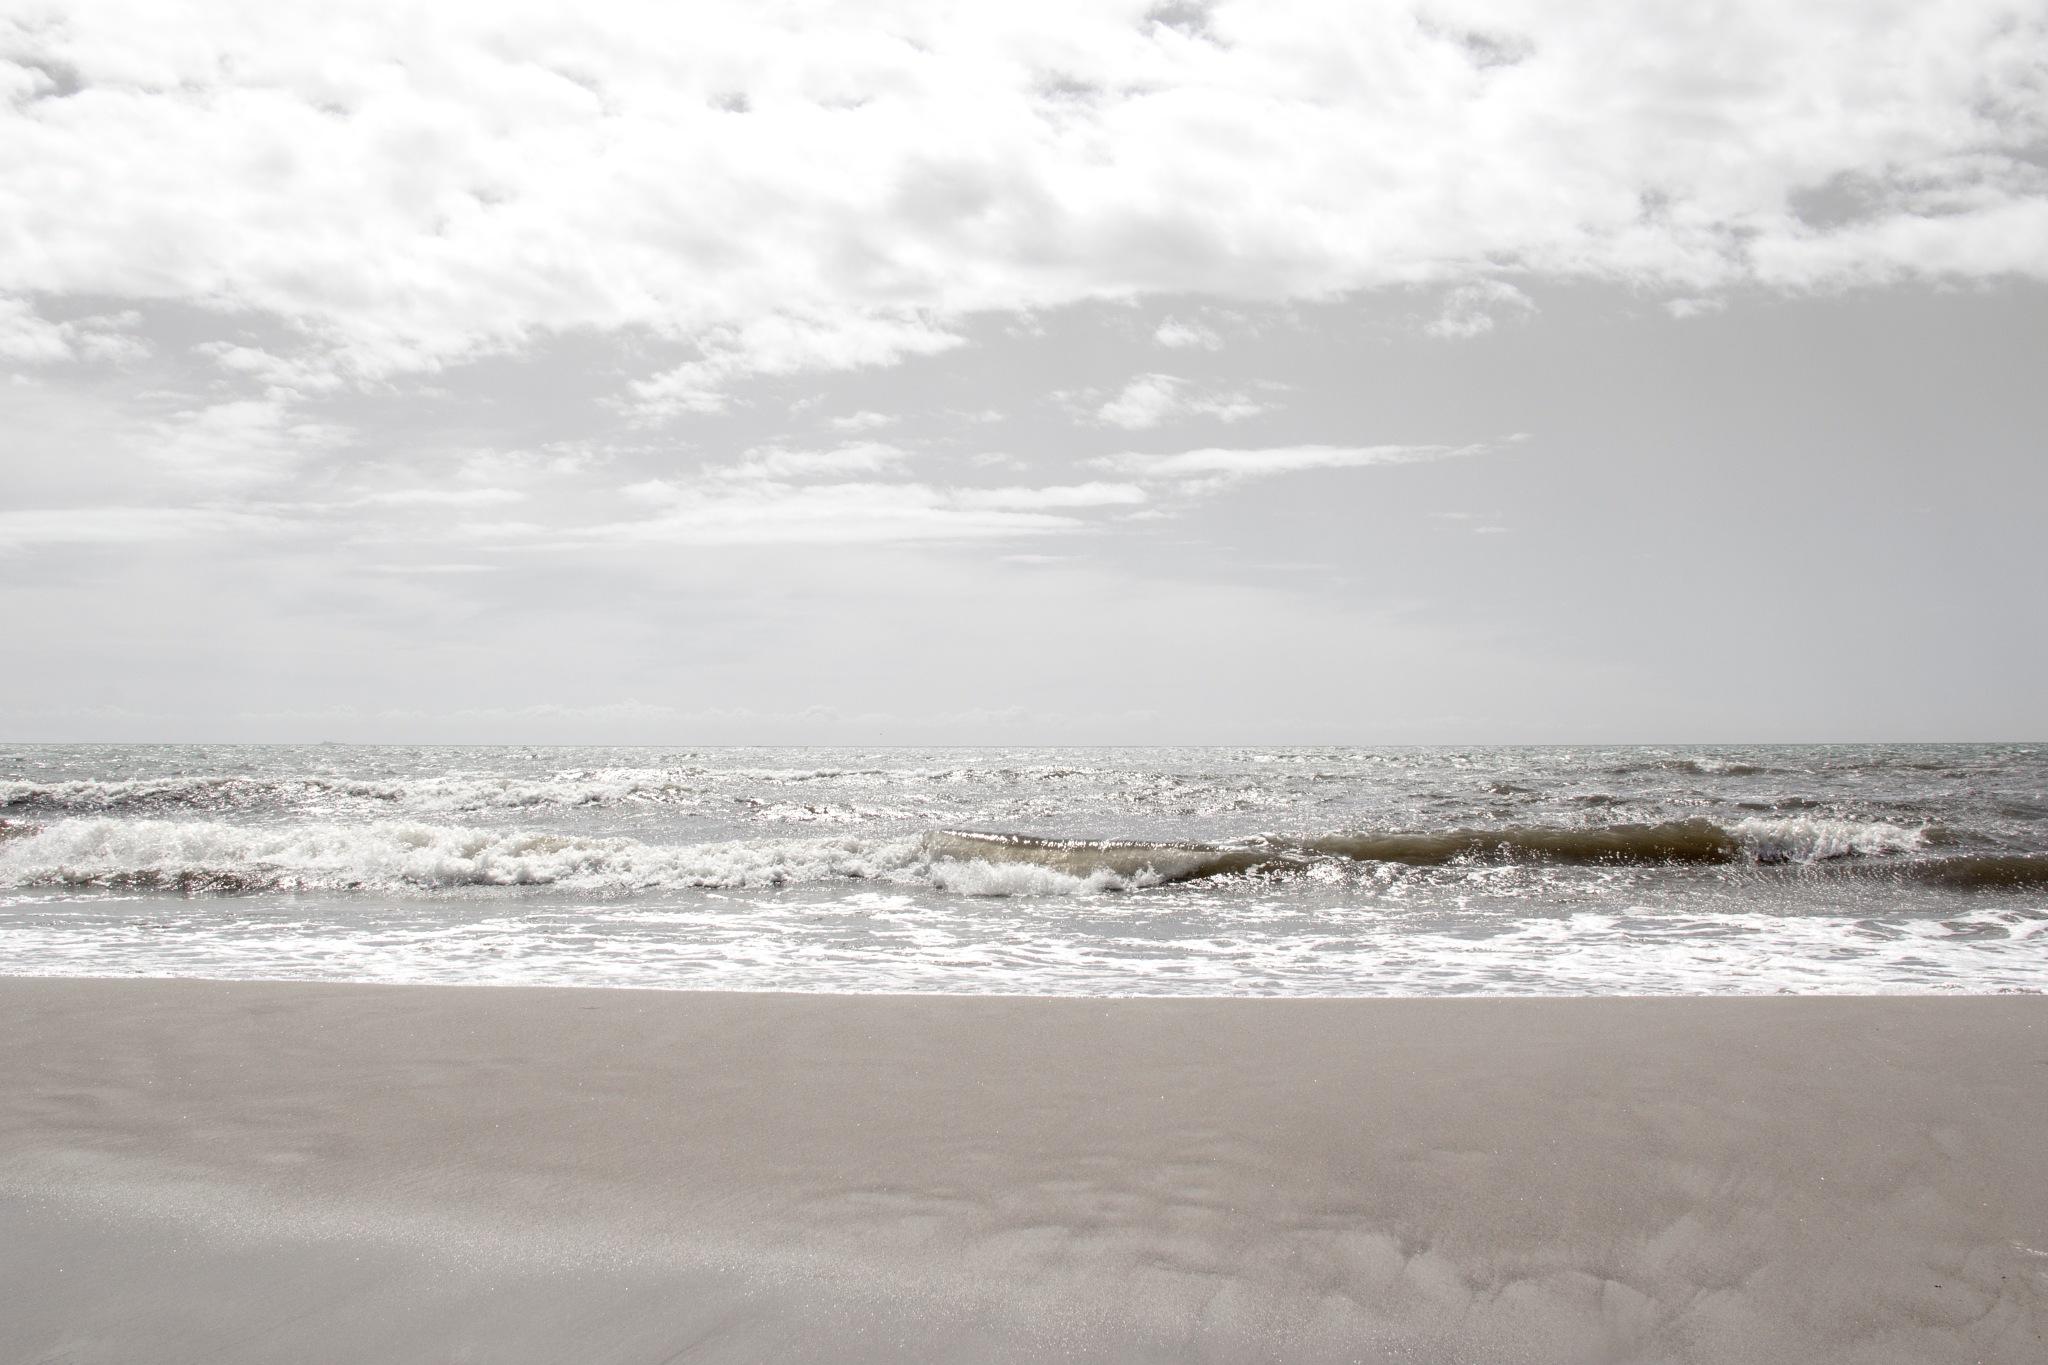 Beach at Holmhällar by Mattias Carlsson